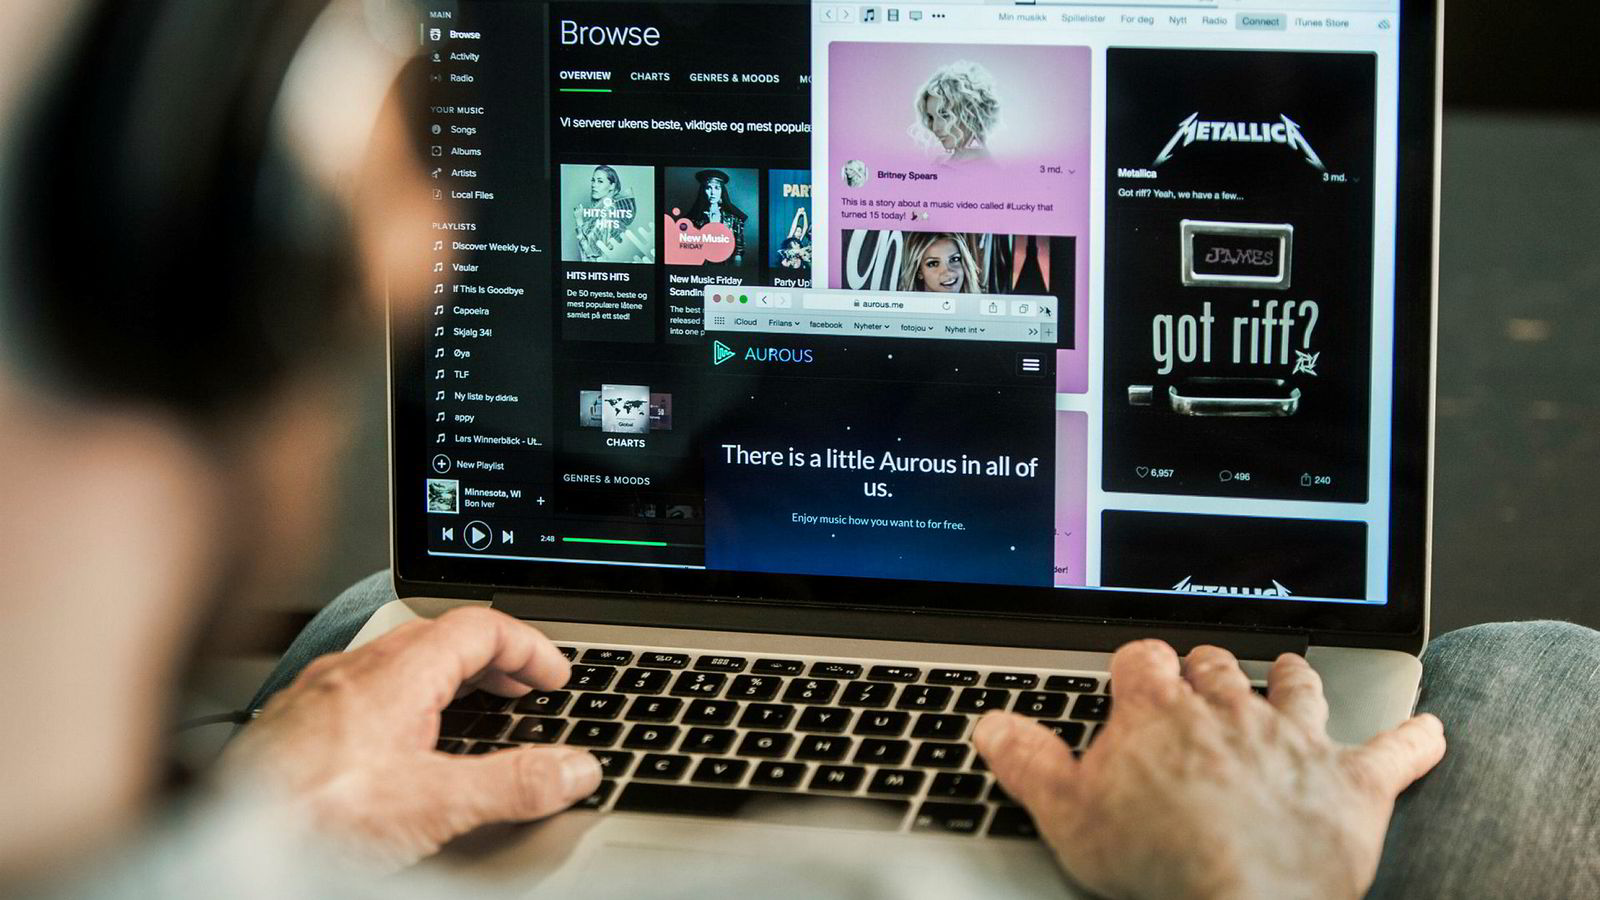 Digital innsikt er viktig for å kunne kontrollere at royalties og utbetalinger fra tjenestene er korrekte i henhold til publikums bruk. Noen bruker også innsikten i skapende prosesser når musikk lages og produseres.